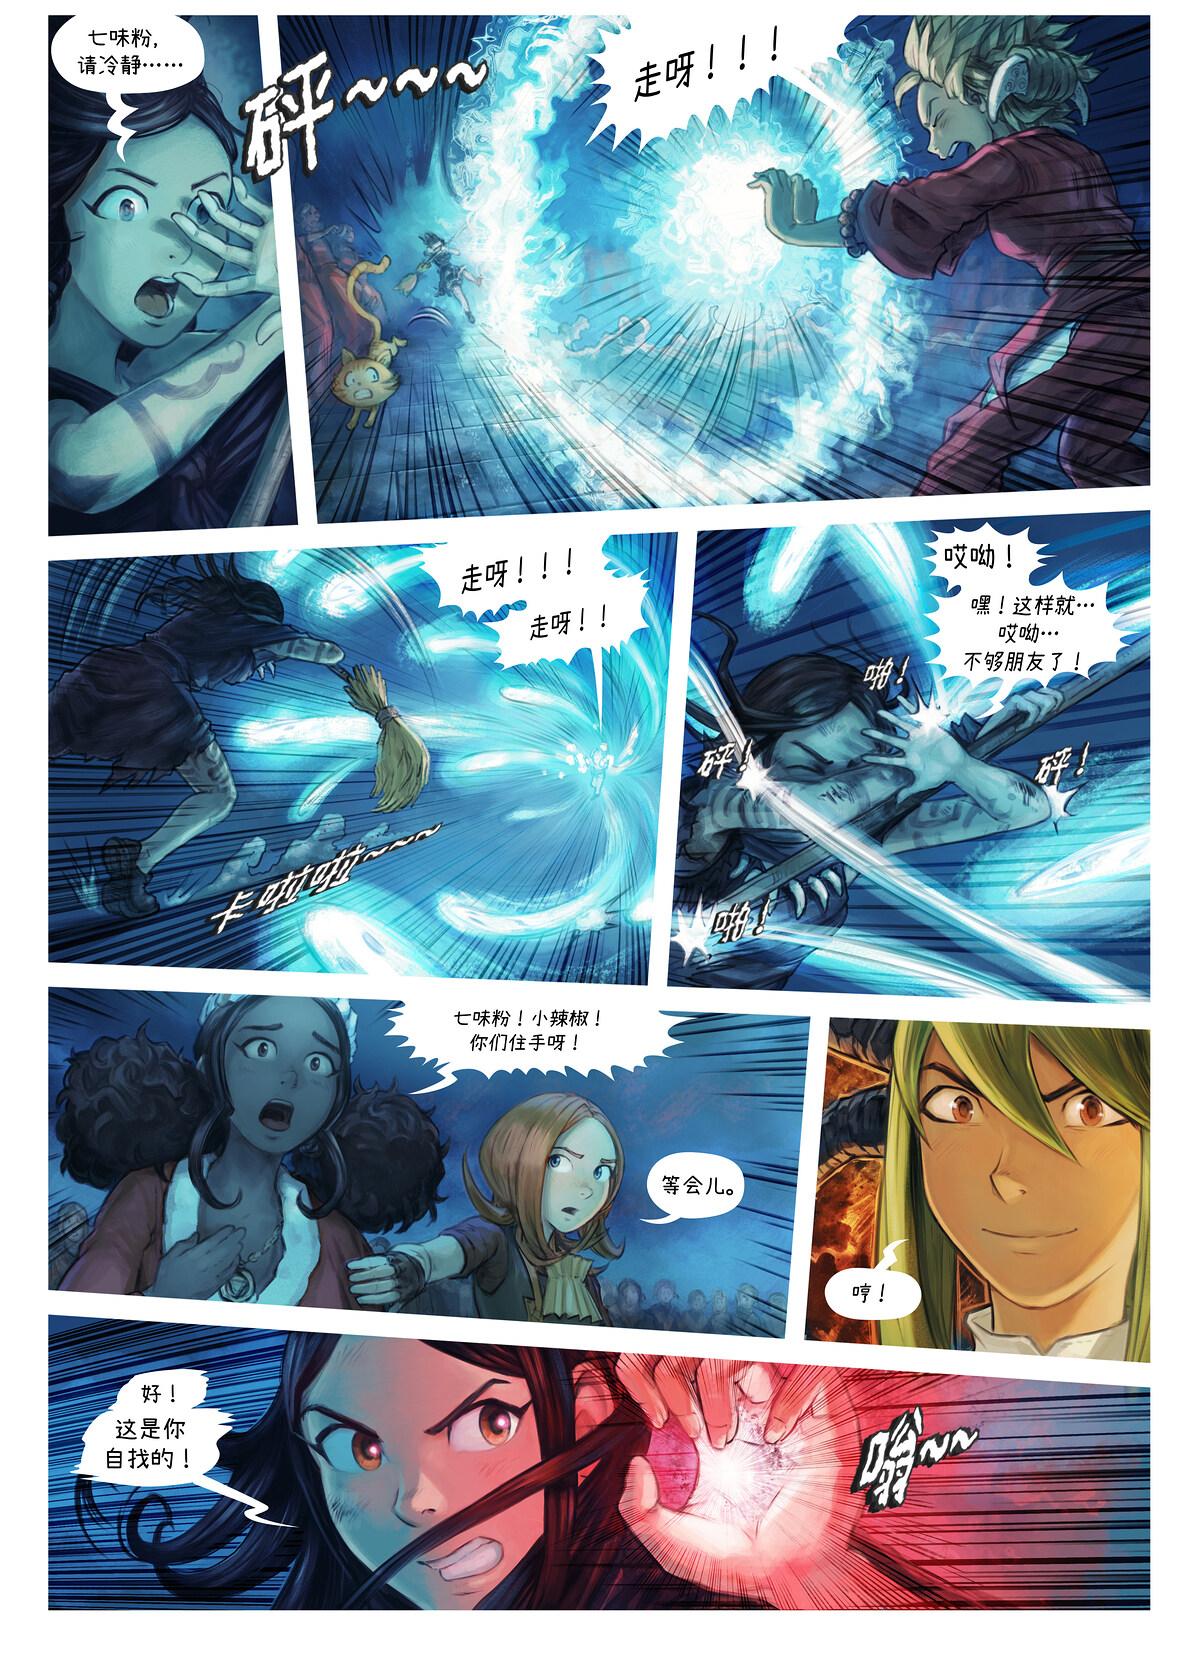 第34集:七味粉的册封仪式, Page 6